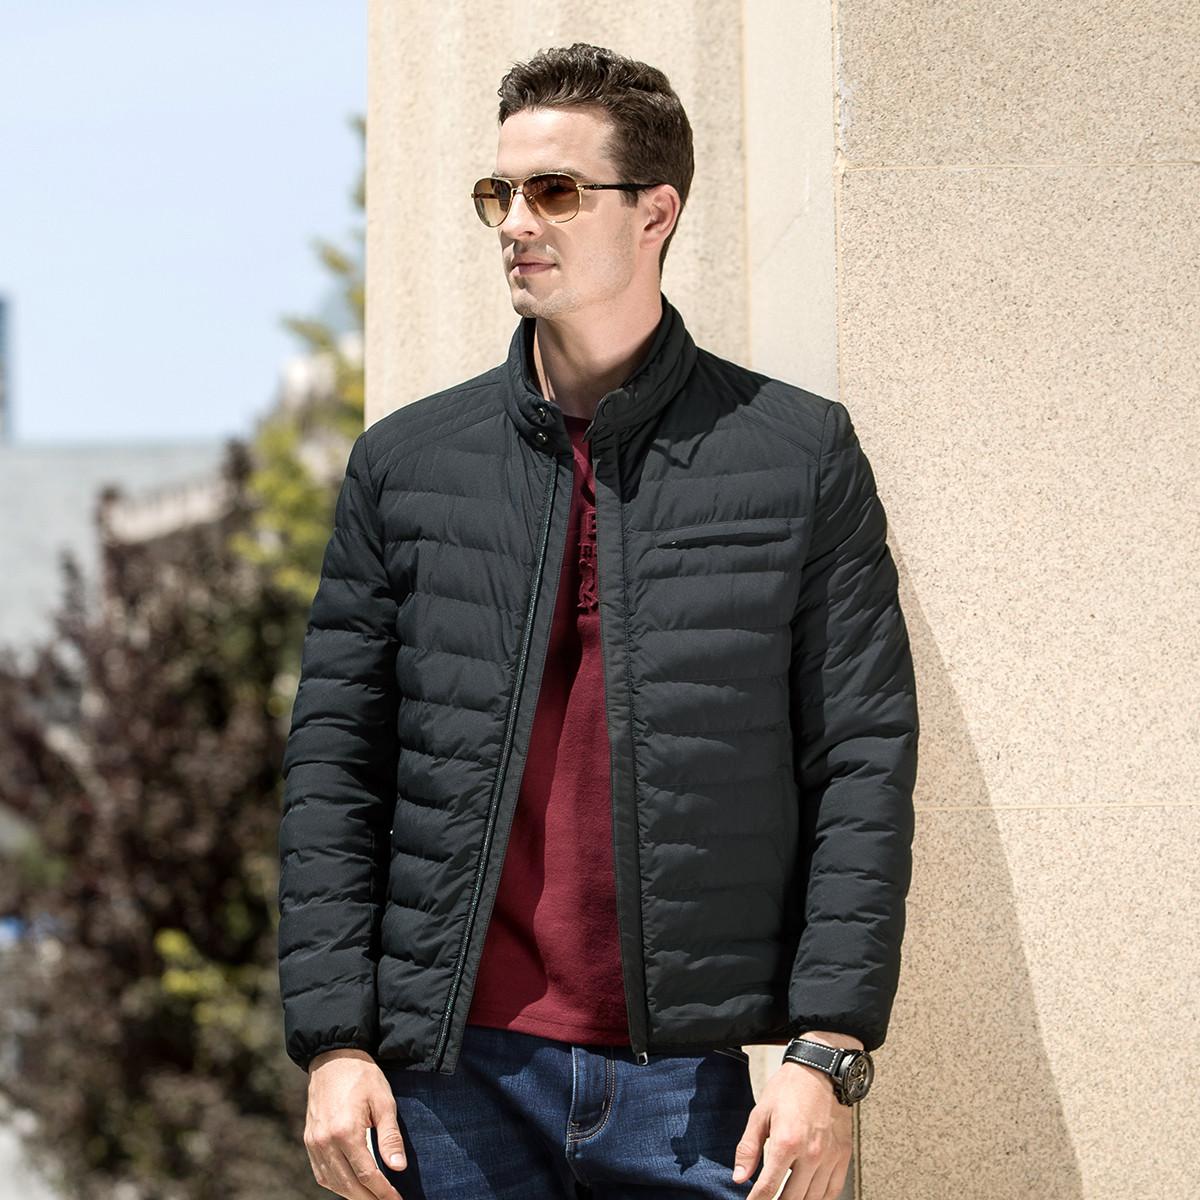 骆驼牌骆驼牌 秋冬立领挺括防风保暖 短款轻薄 男士棉衣外套WZ80932240HE